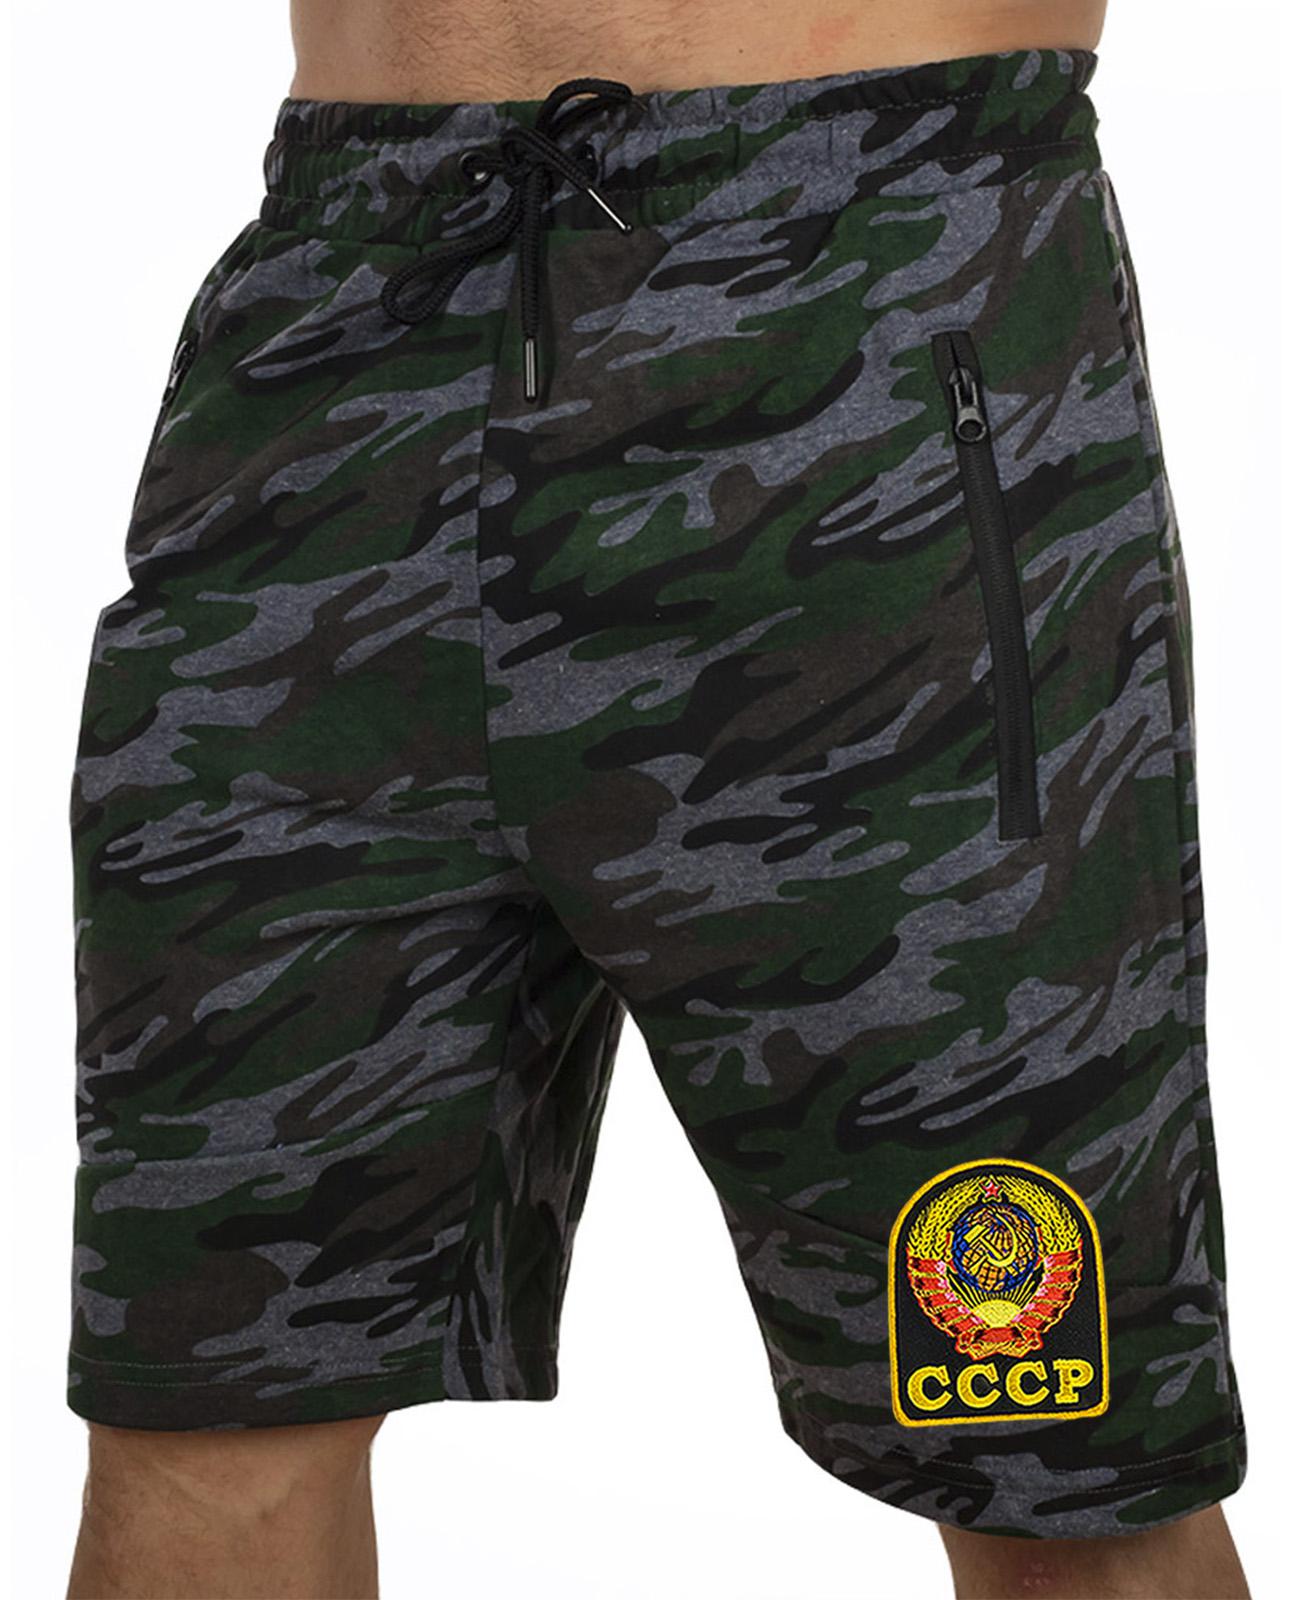 Купить свободные удлиненные шорты с нашивкой СССР в подарок мужчине